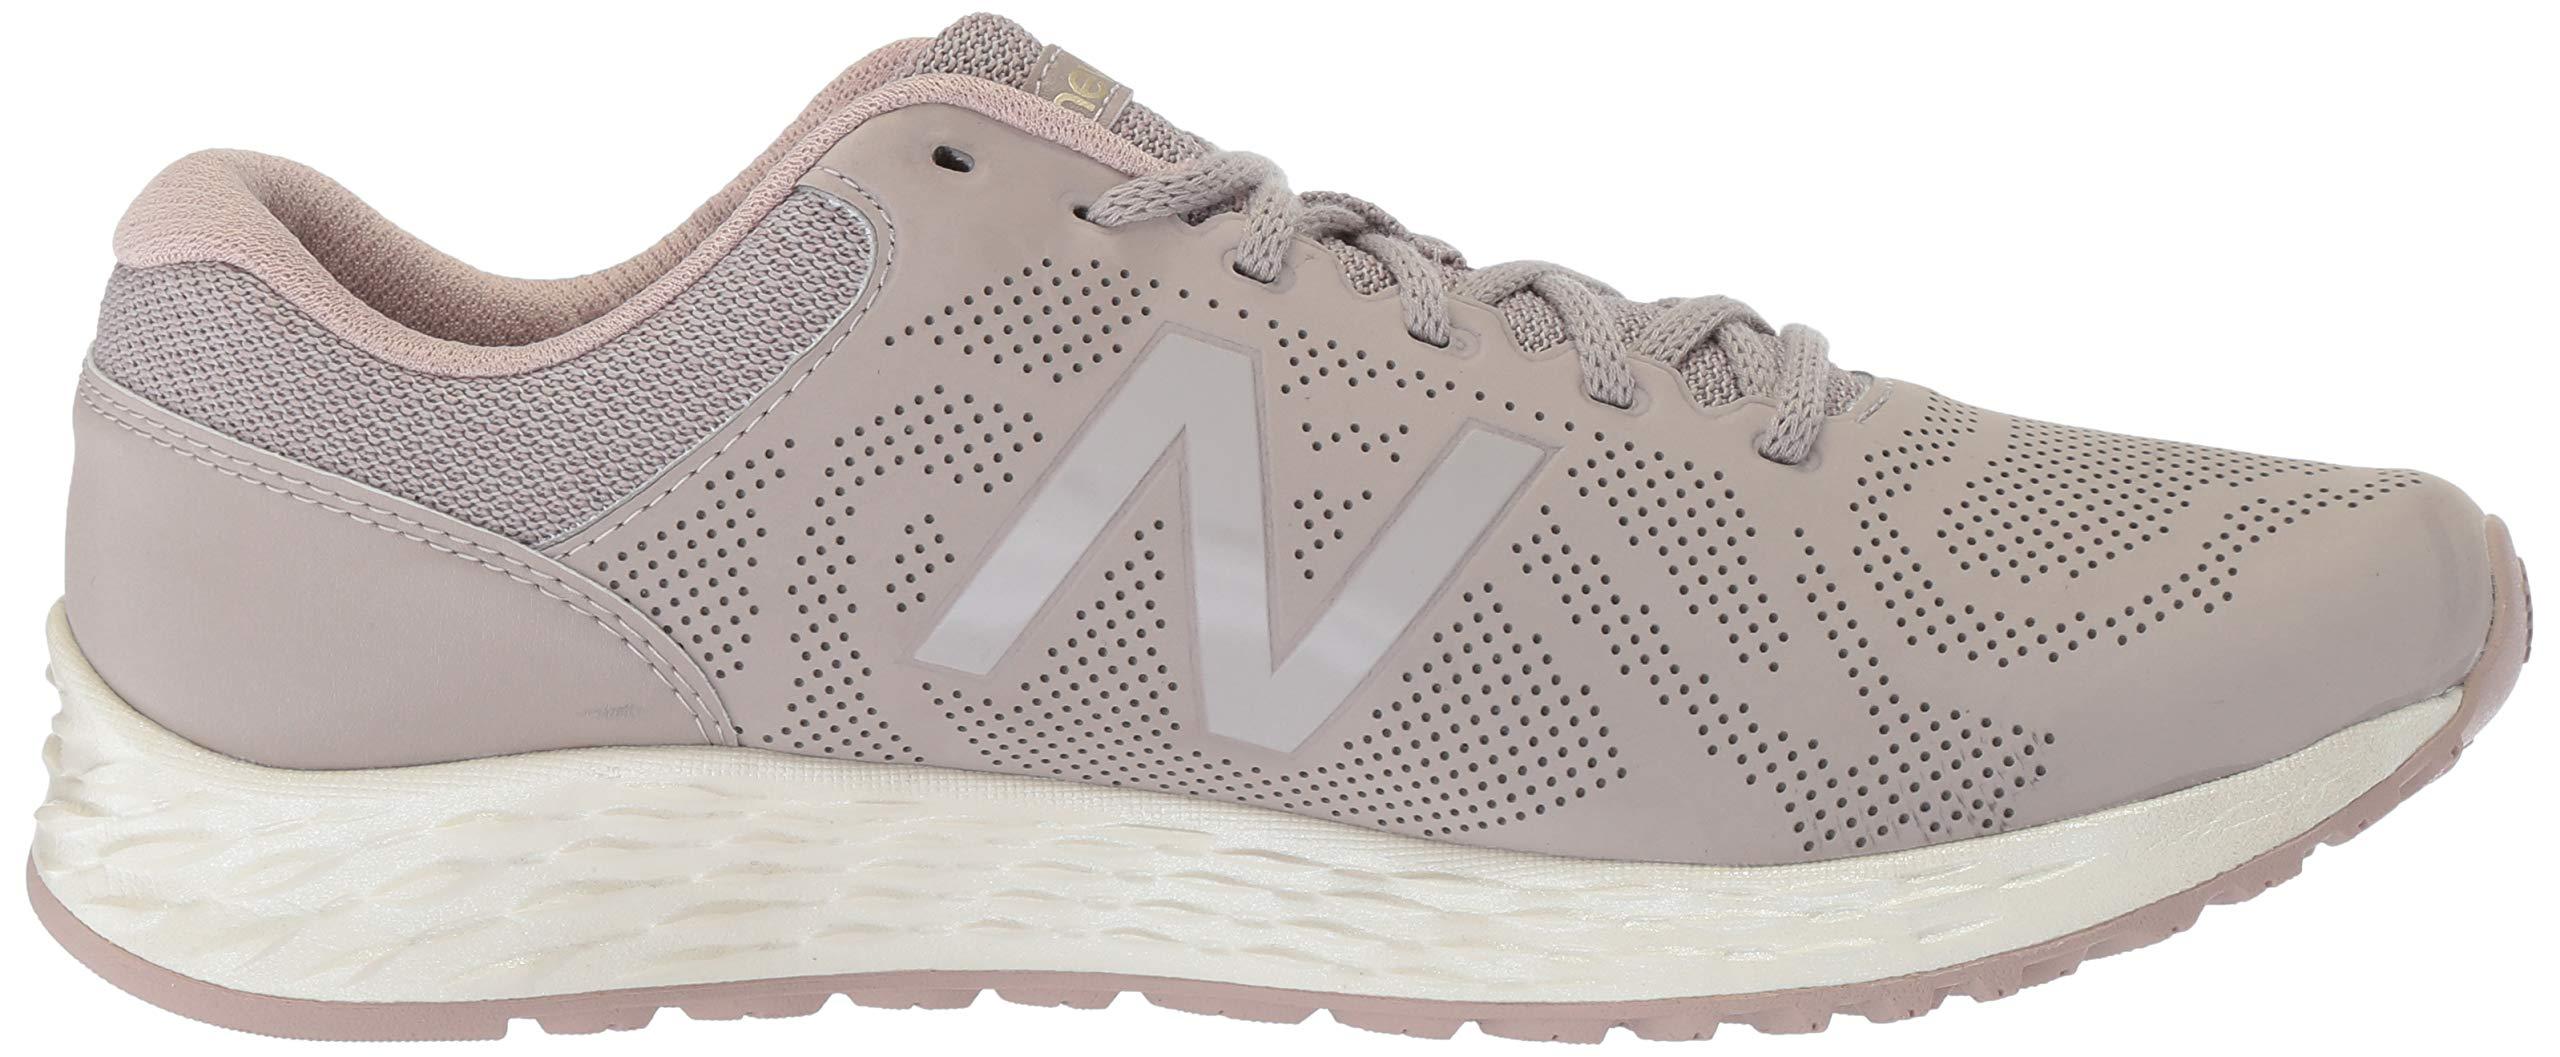 New Balance Women's Fresh Foam Arishi V1 Running Shoe, Flat White/au Lait 5 B US by New Balance (Image #6)